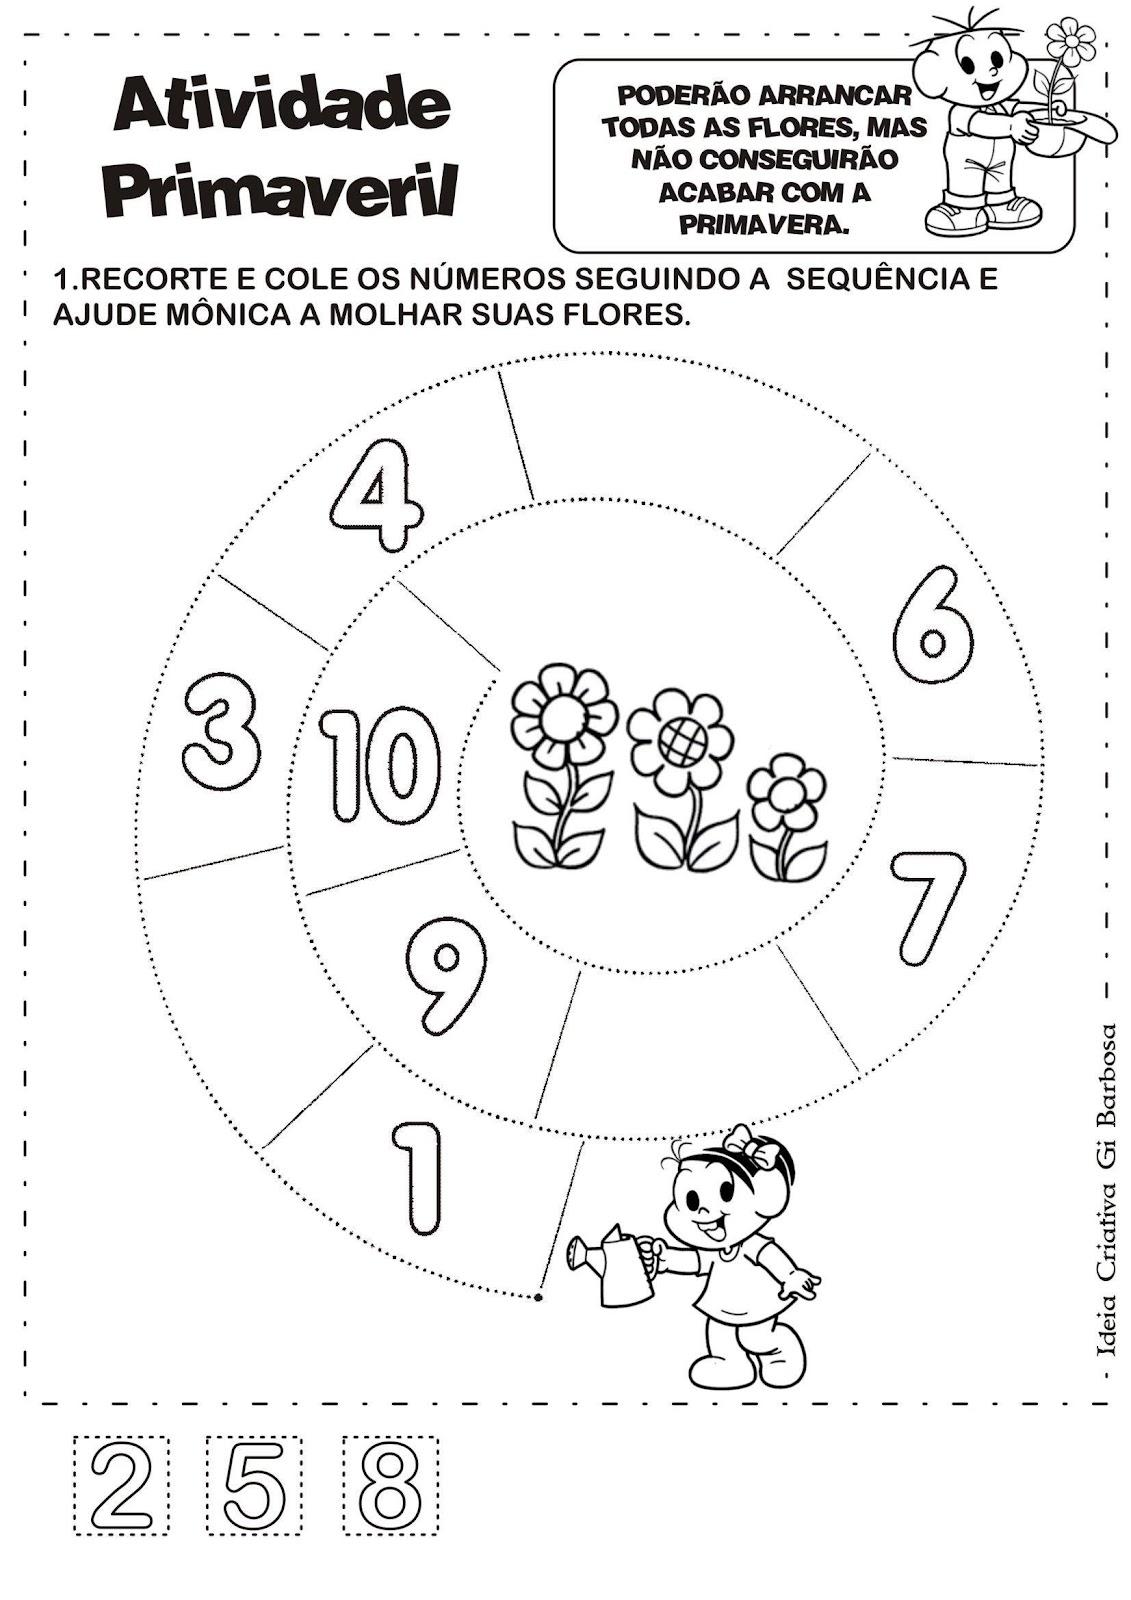 Top Álbum com Atividades Projeto Primavera | Ideia Criativa - Gi  ZB71